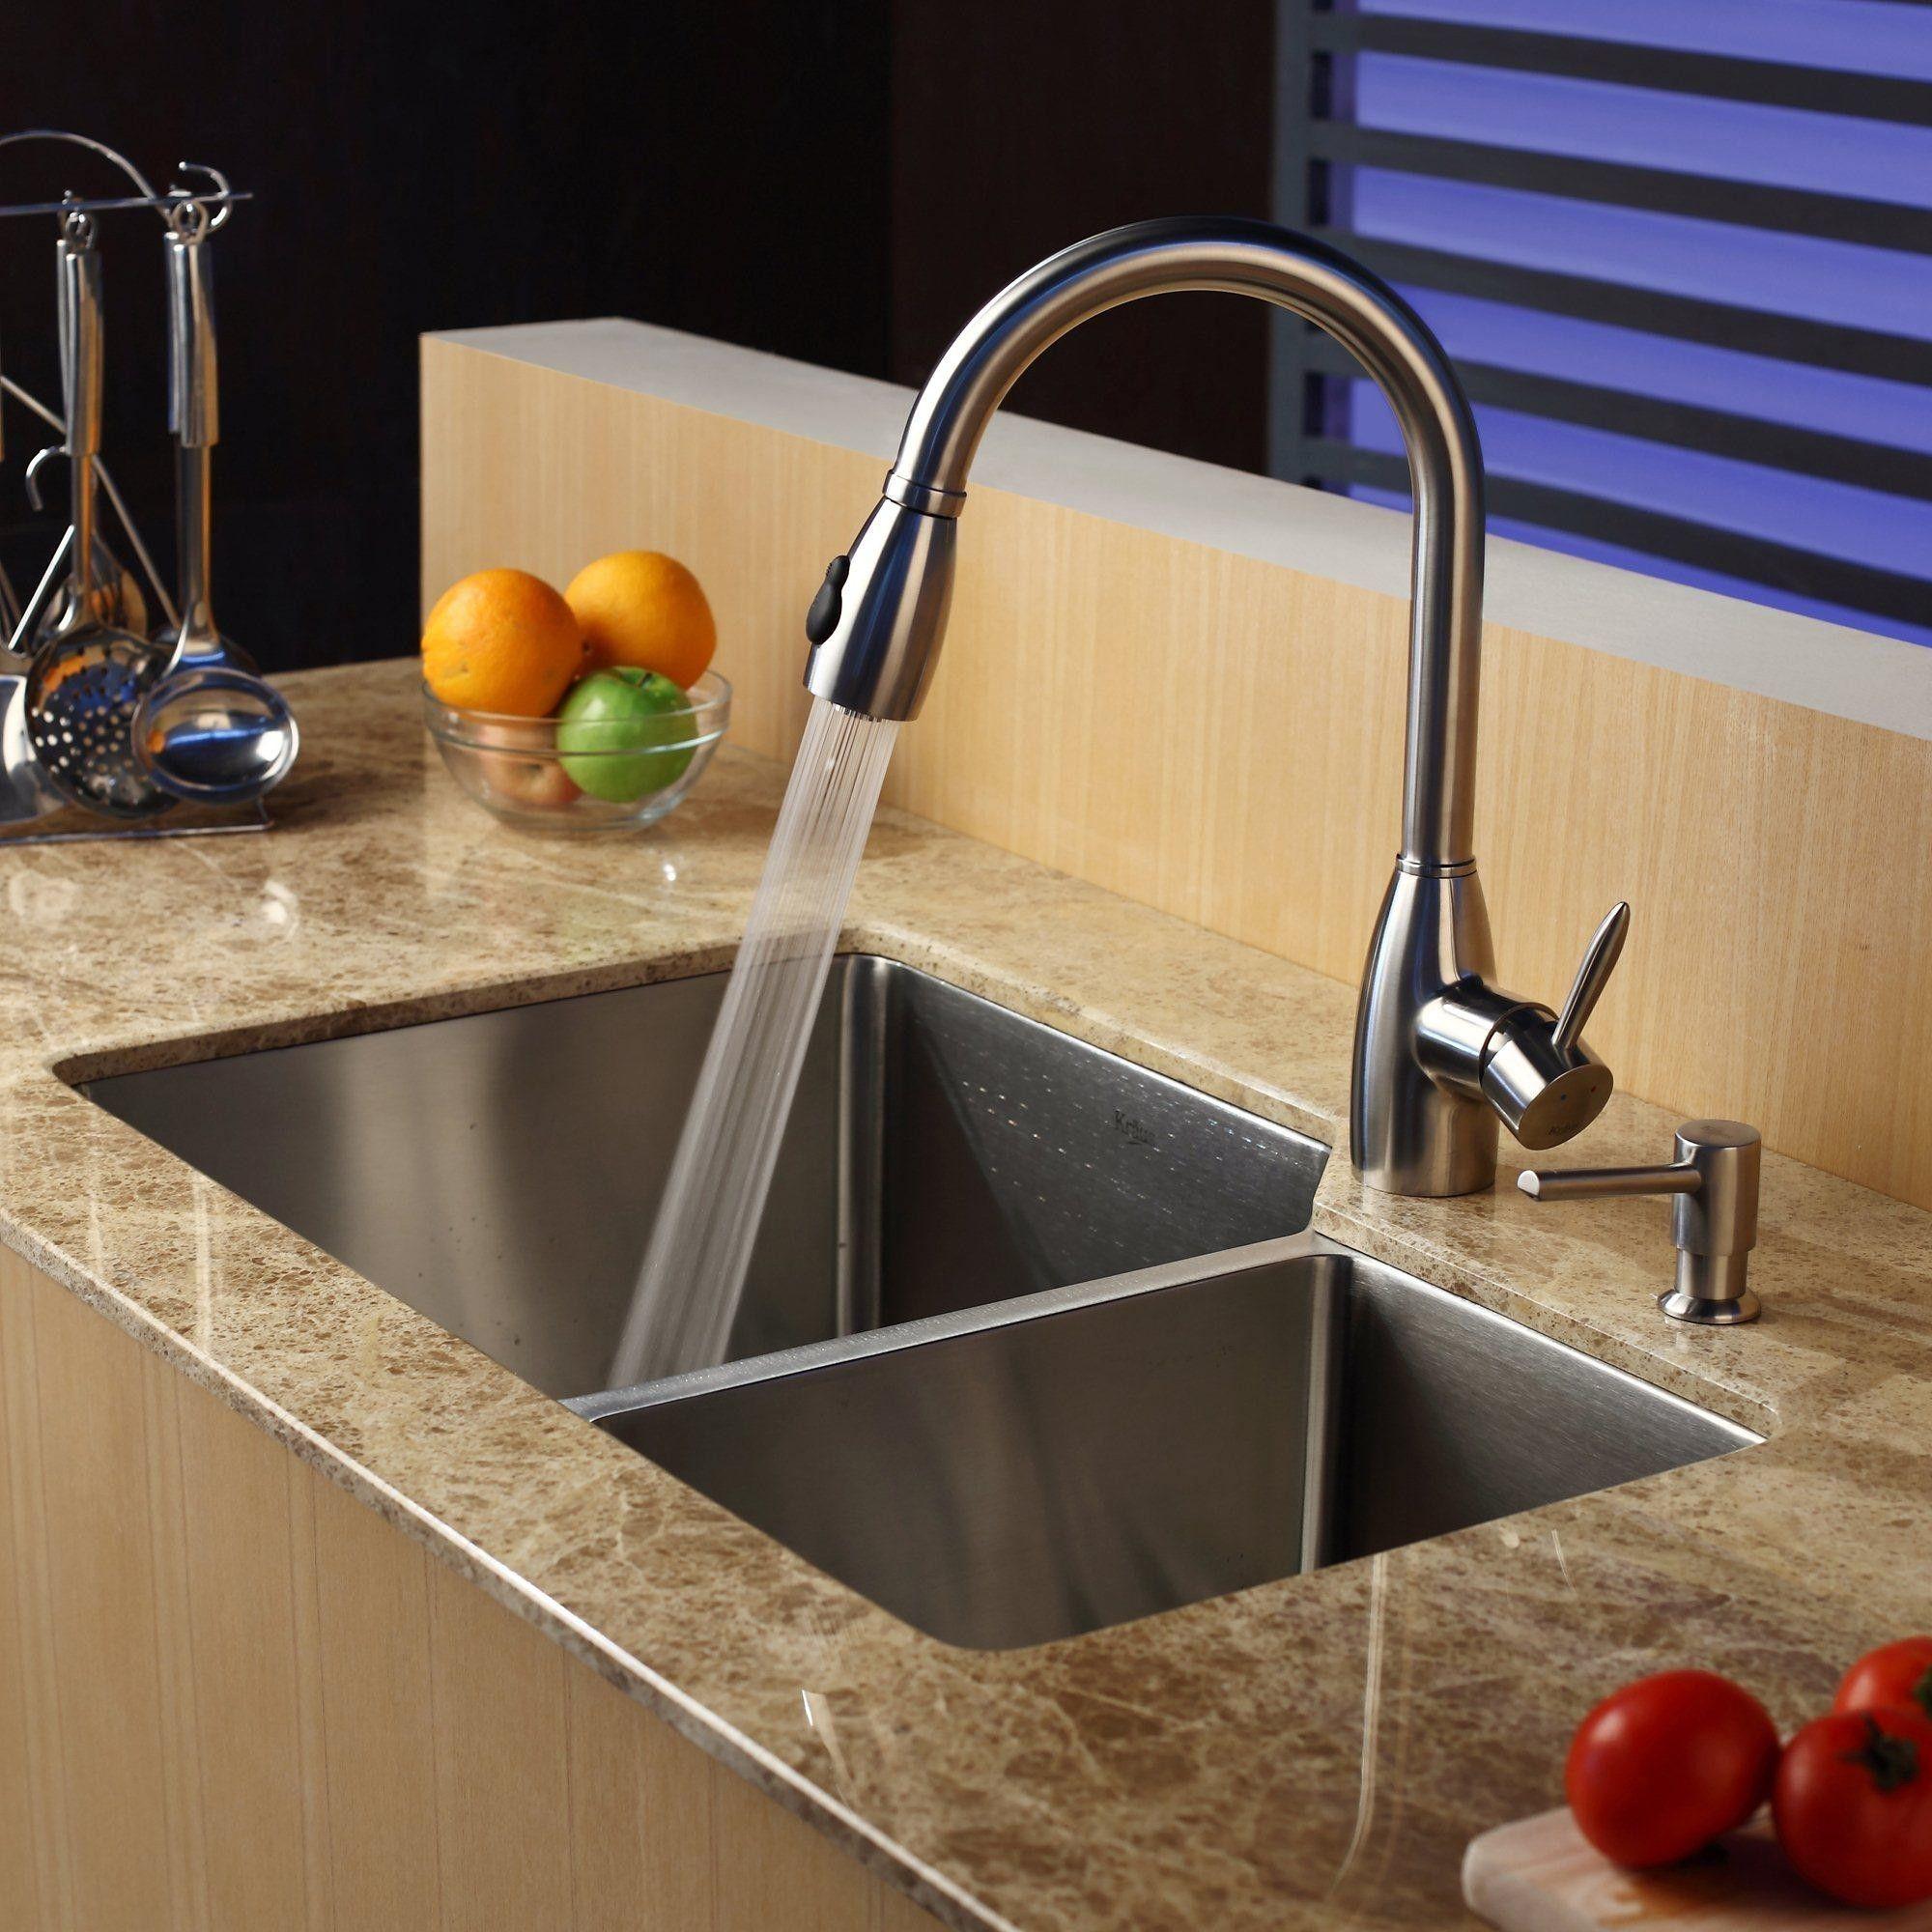 """Kraus 32"""" x 20"""" Double Bowl Undermount Kitchen Sink with ..."""